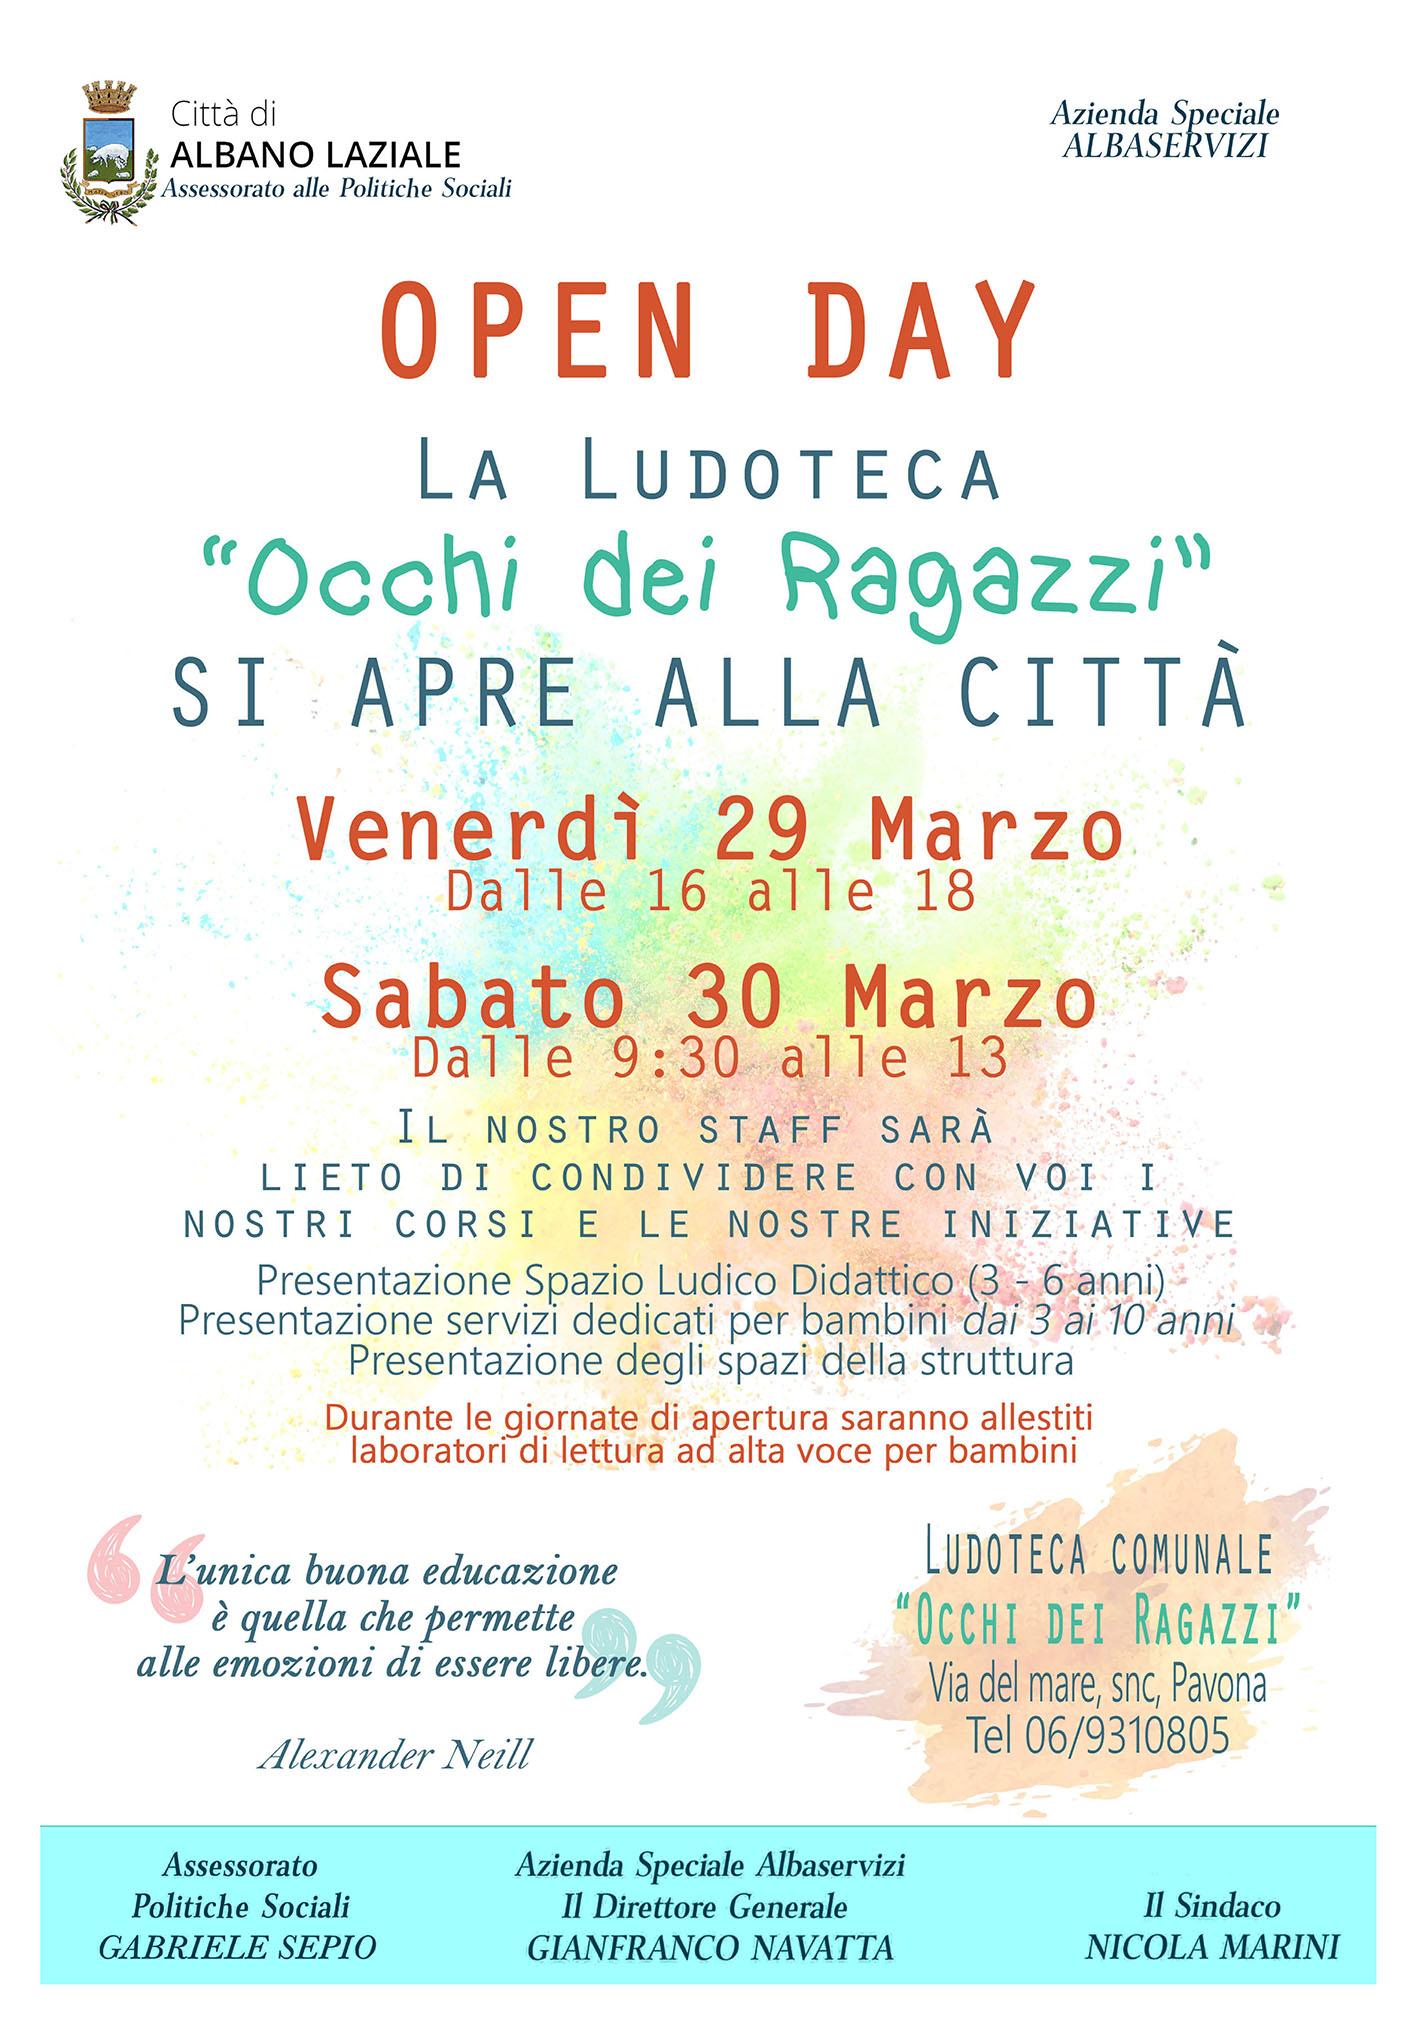 file immagine contenente Open Day Ludoteca: Occhi dei Ragazzi